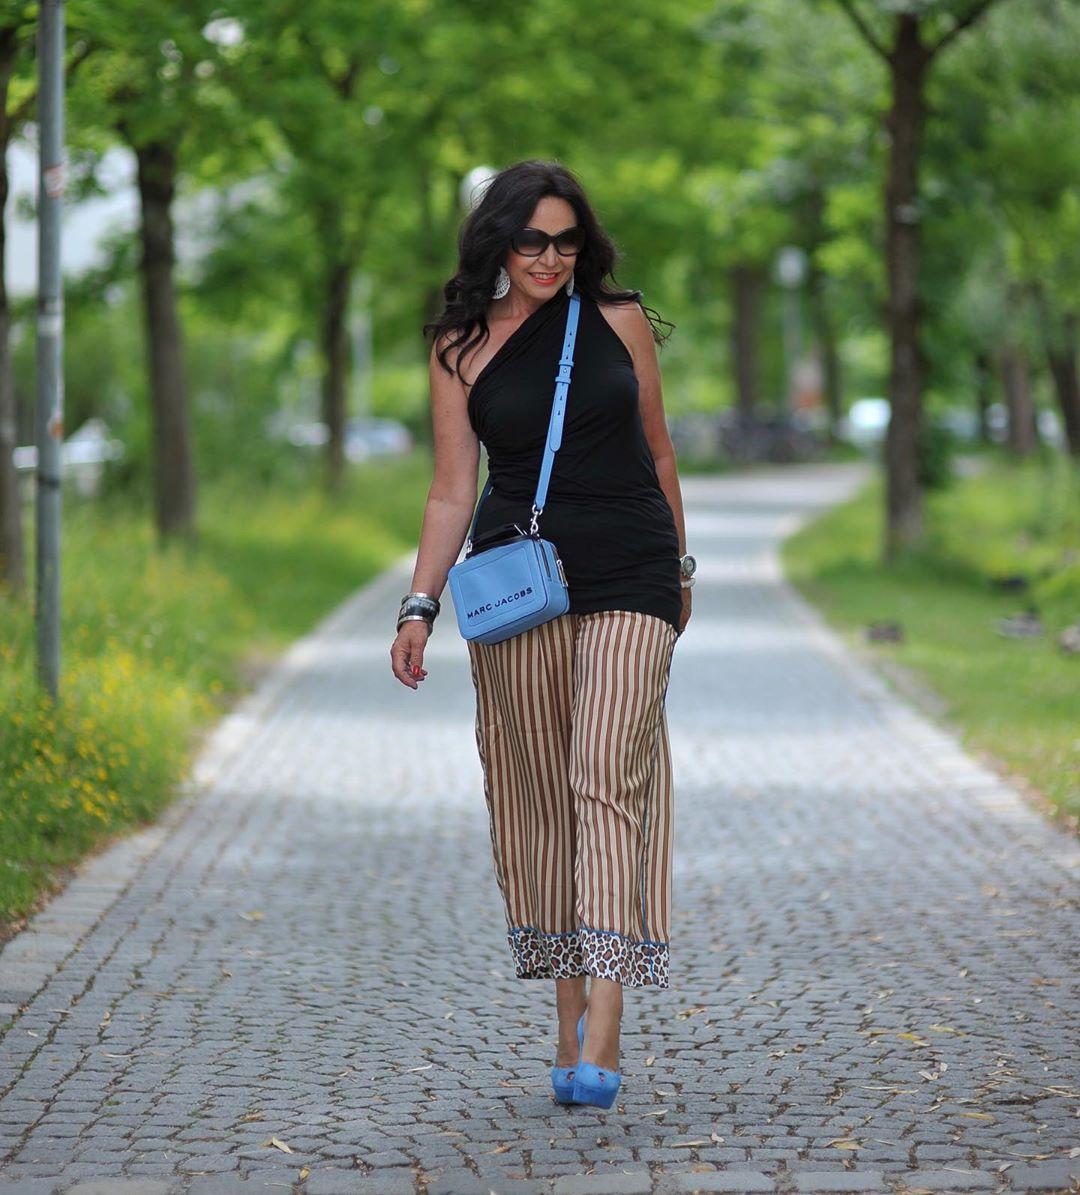 с чем носить туфли летом женщинам после 40-50 лет фото 10